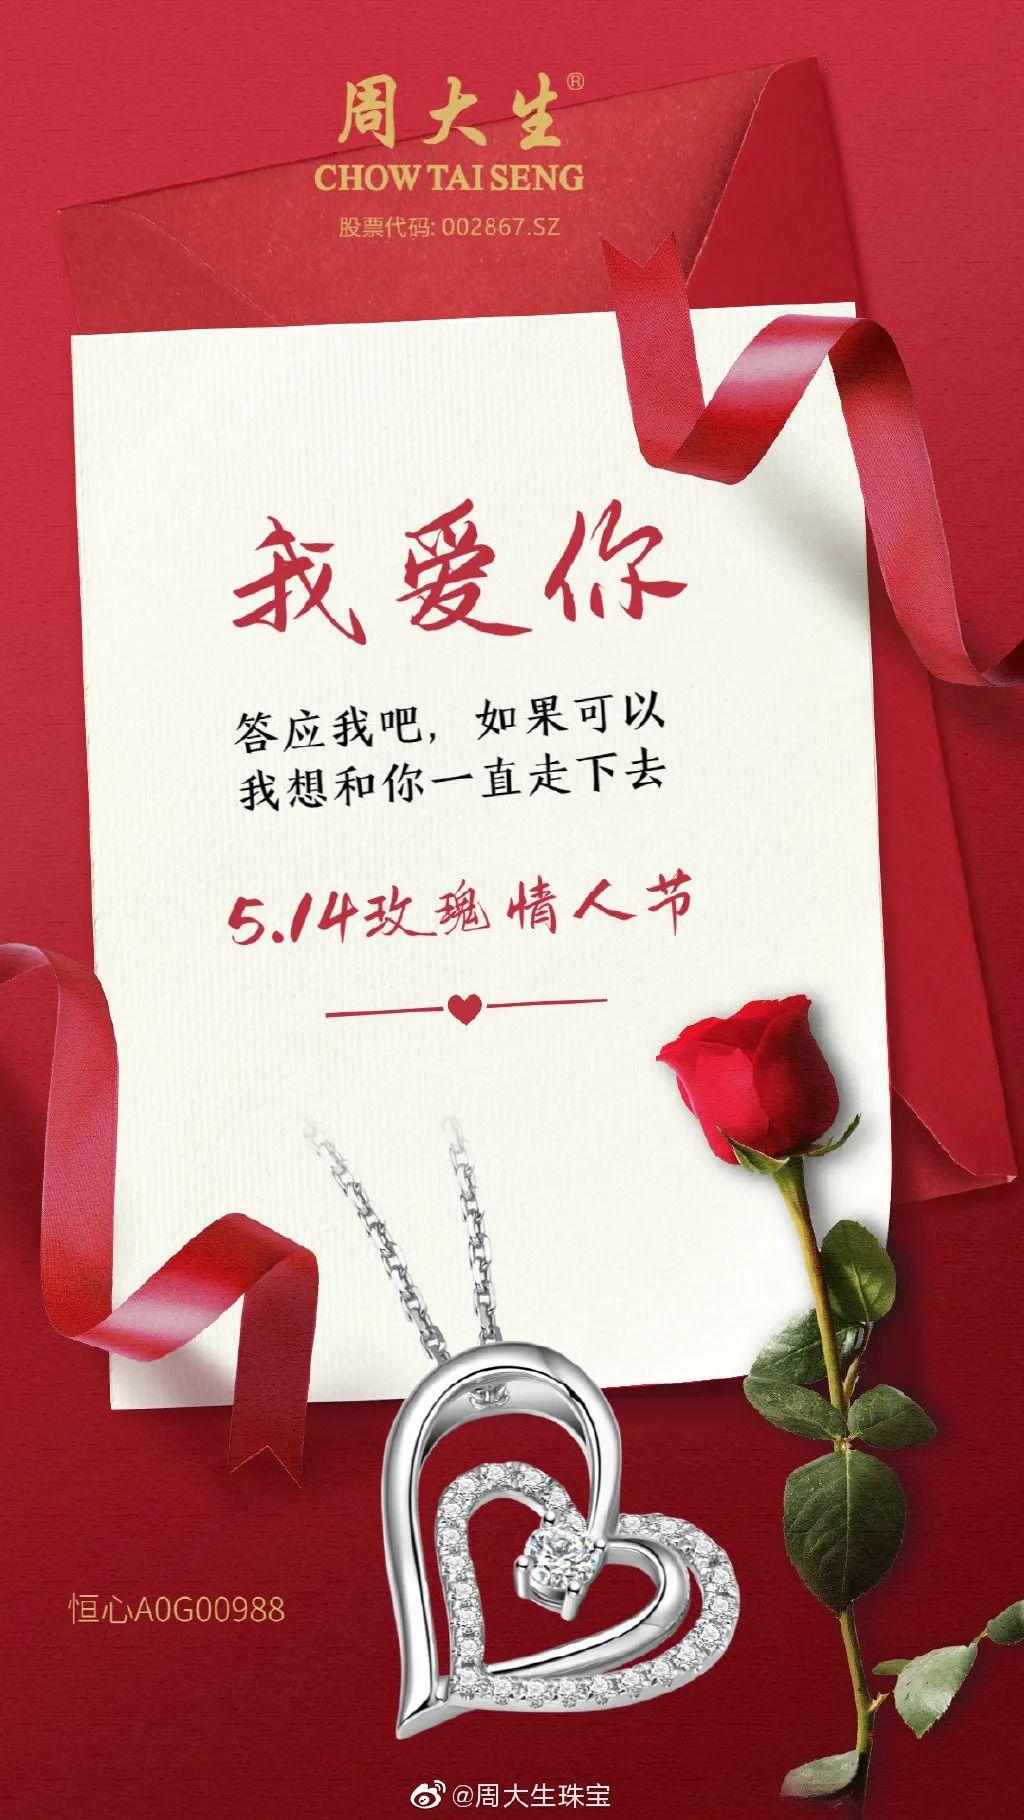 """""""514玫瑰情人节""""各大品牌借势文案,玫瑰情人节文案分享:所谓爱情,呵护一生插图9"""